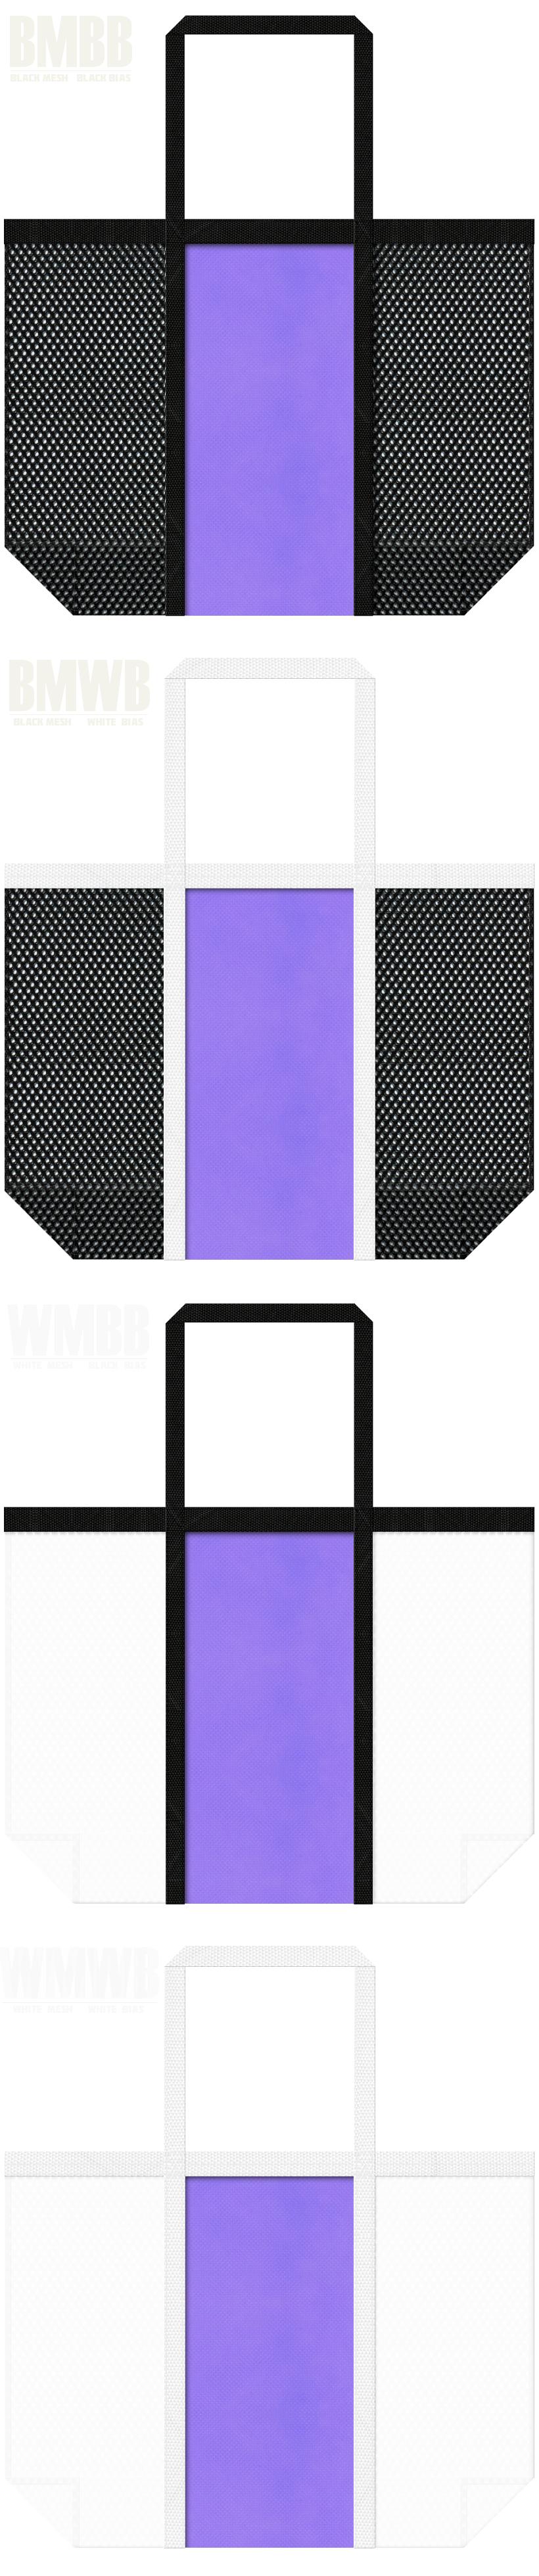 台形型メッシュバッグのカラーシミュレーション:黒色・白色メッシュと薄紫色不織布の組み合わせ